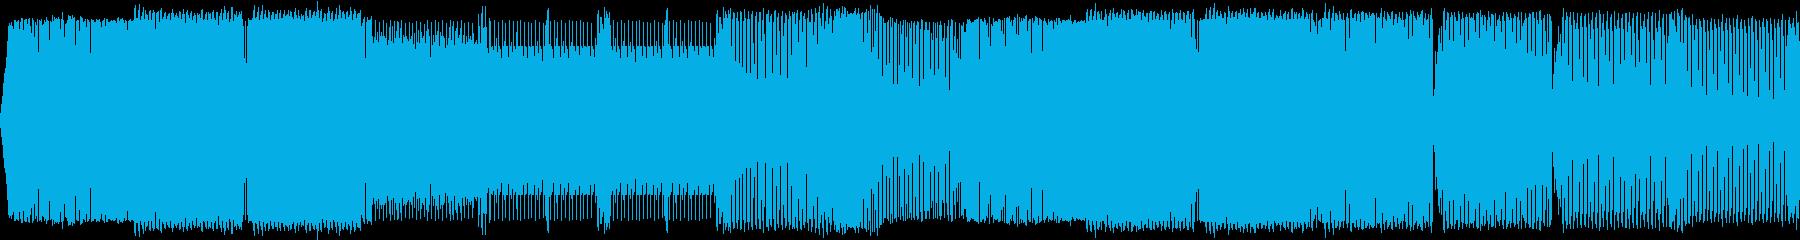 EDM スピード感 爽快 スポーツ 動画の再生済みの波形